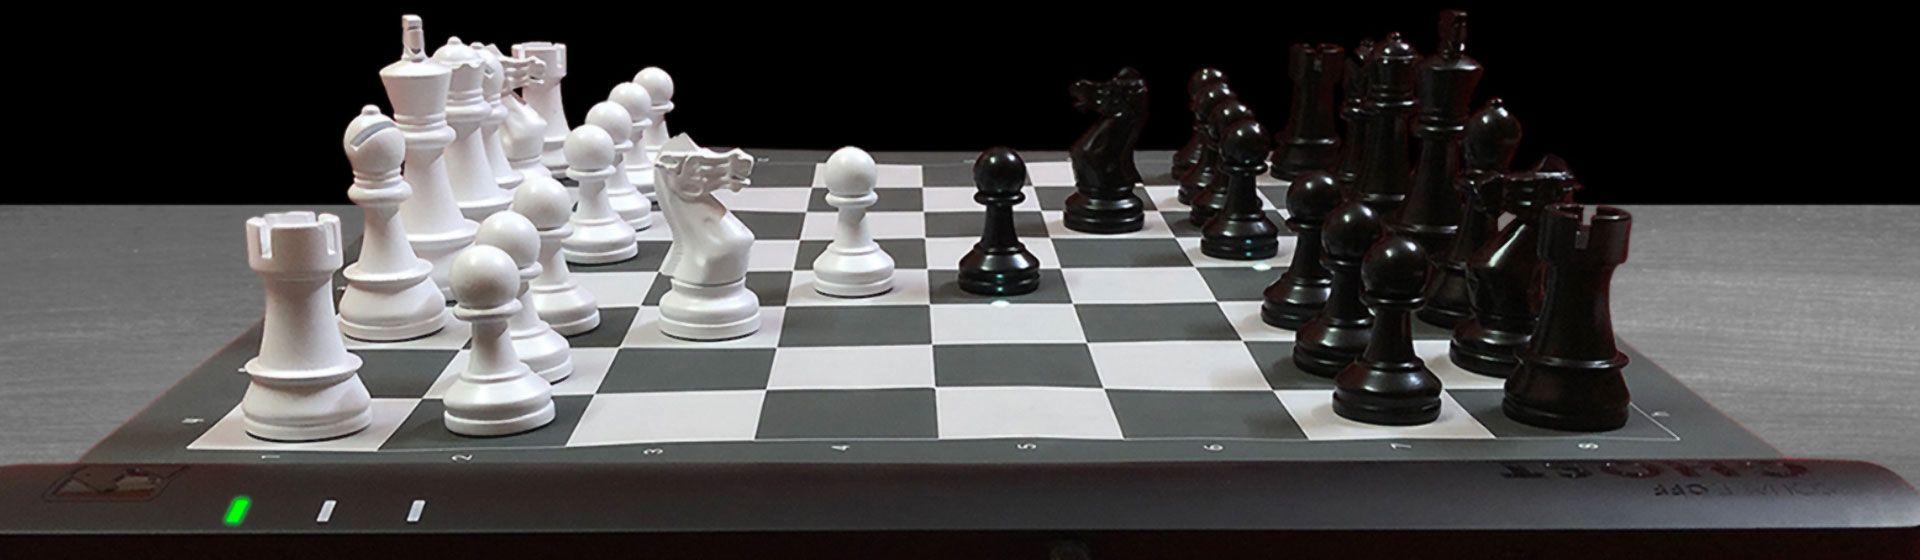 Tabuleiro de xadrez tem peças que se movem sozinhas que nem em Harry Potter